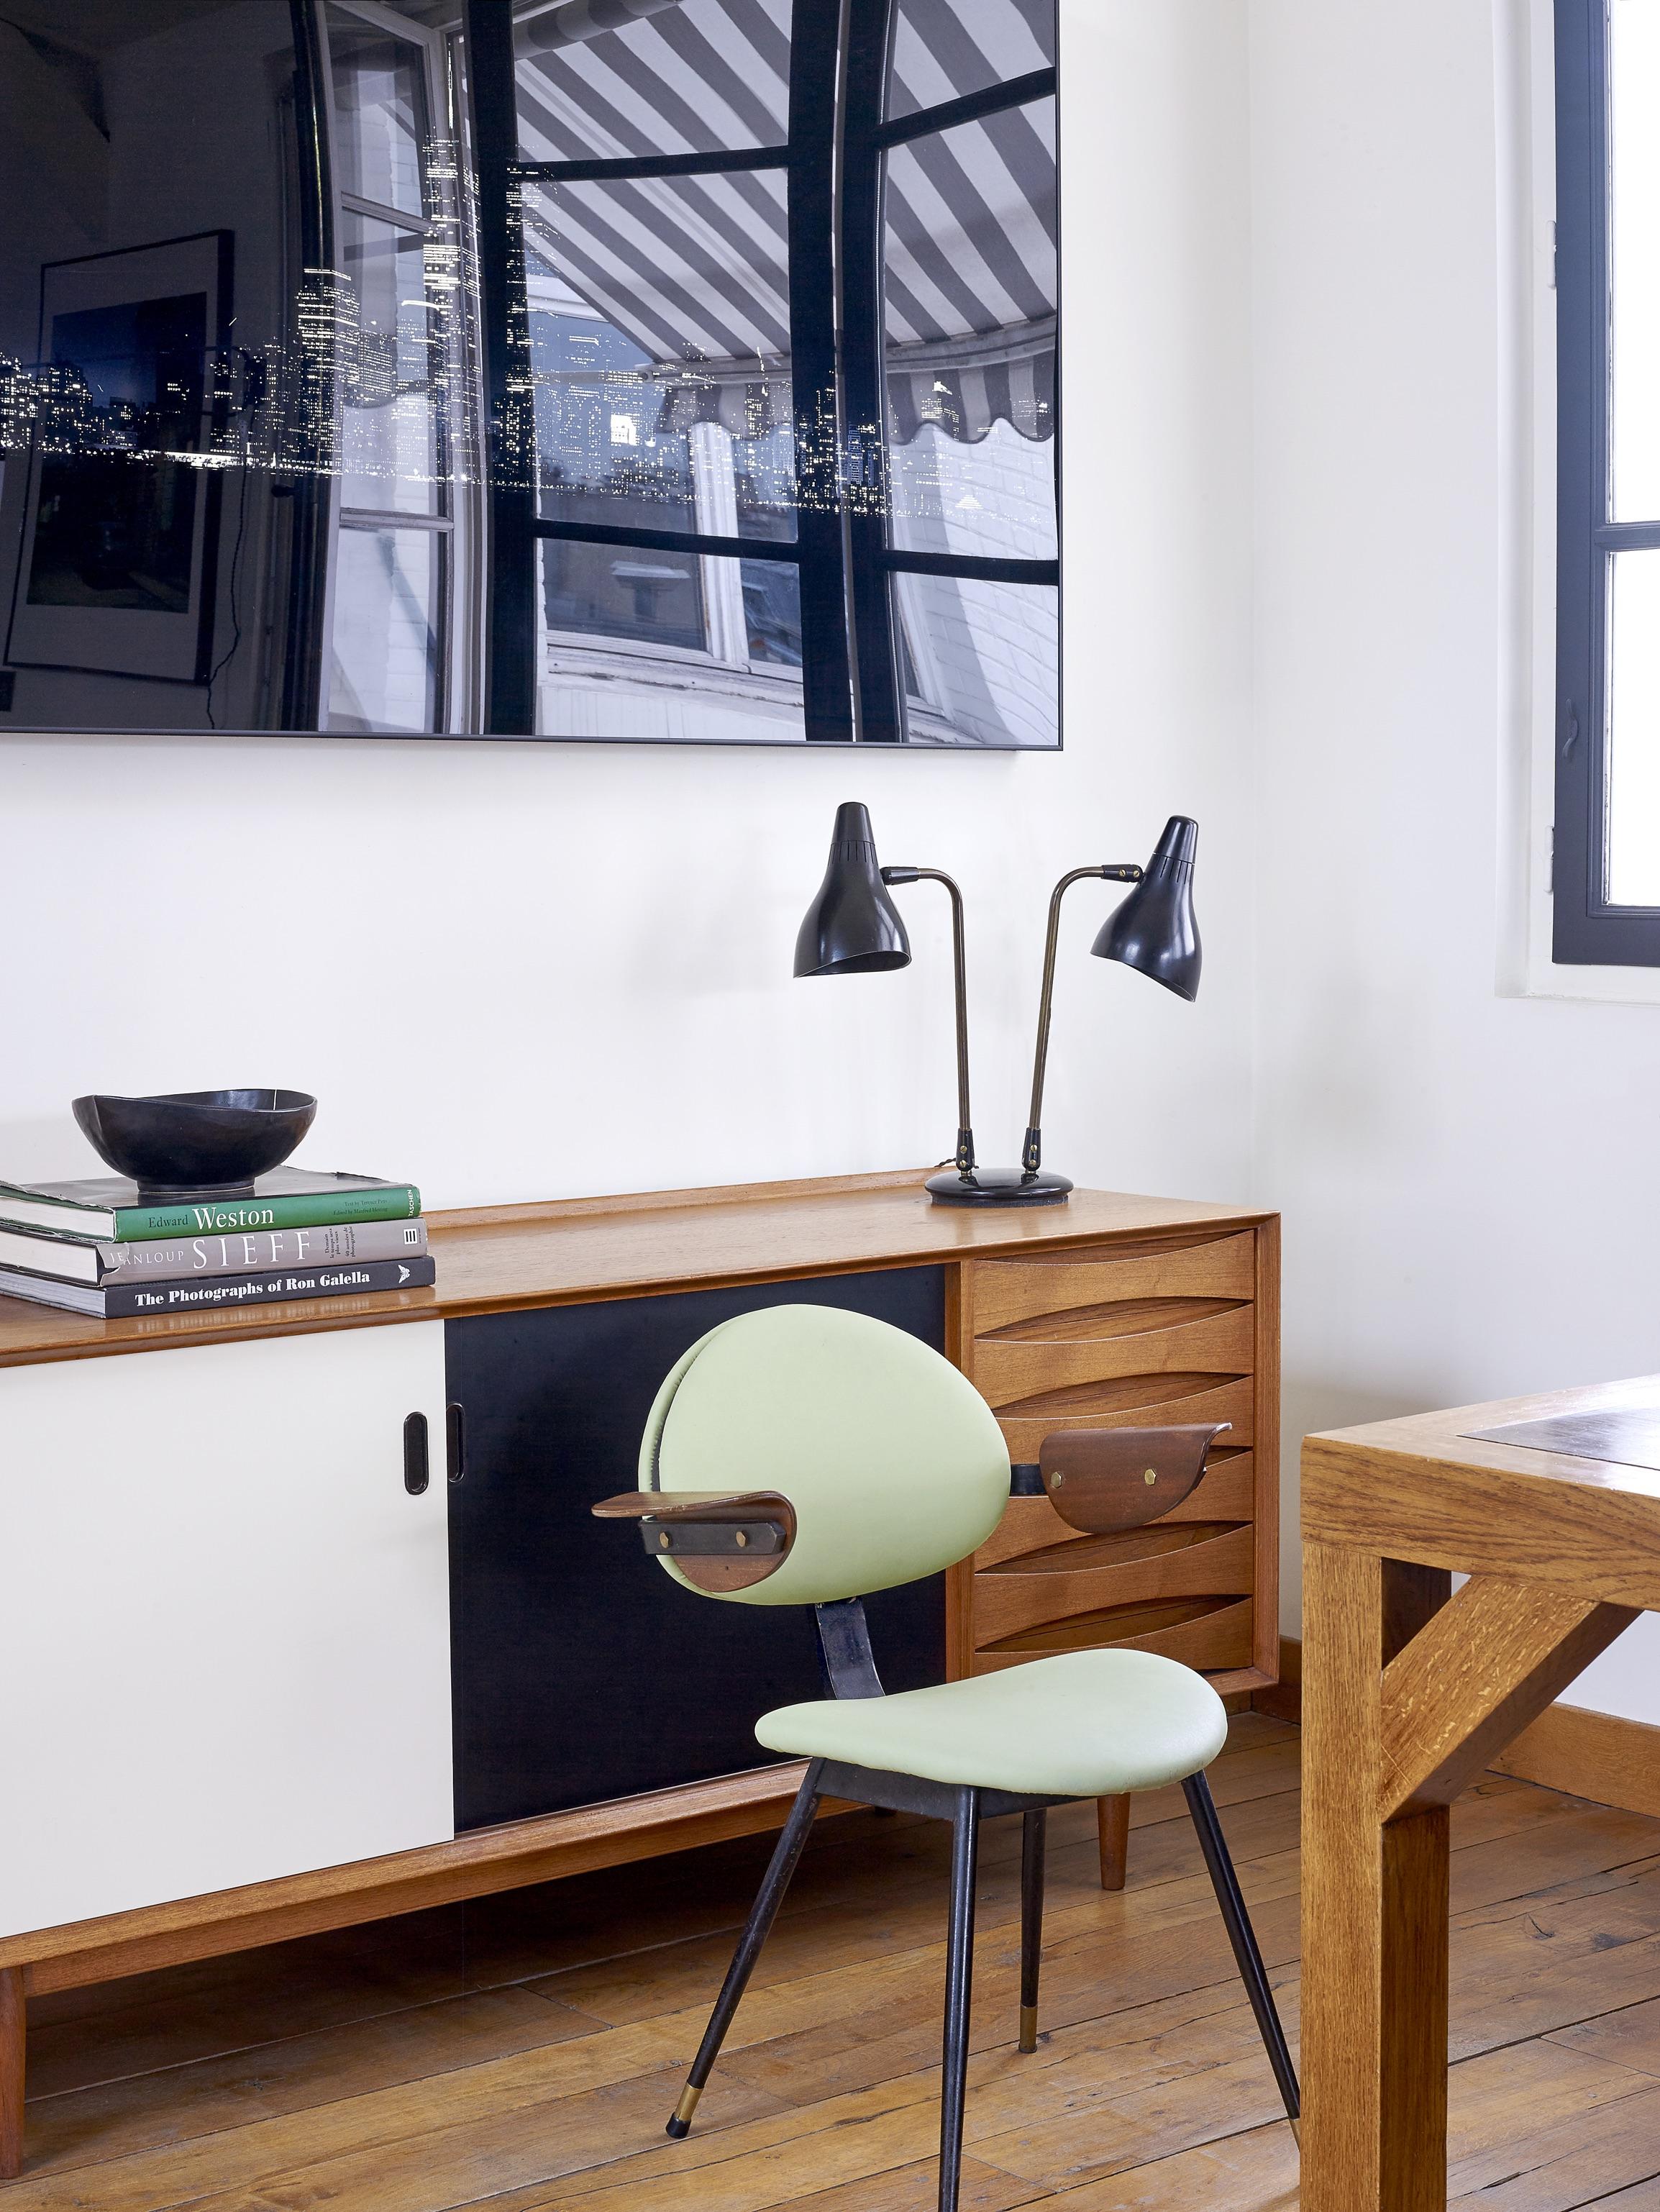 House Tour An Eclectic Mix of Vintage Furniture in a Paris Loft 6